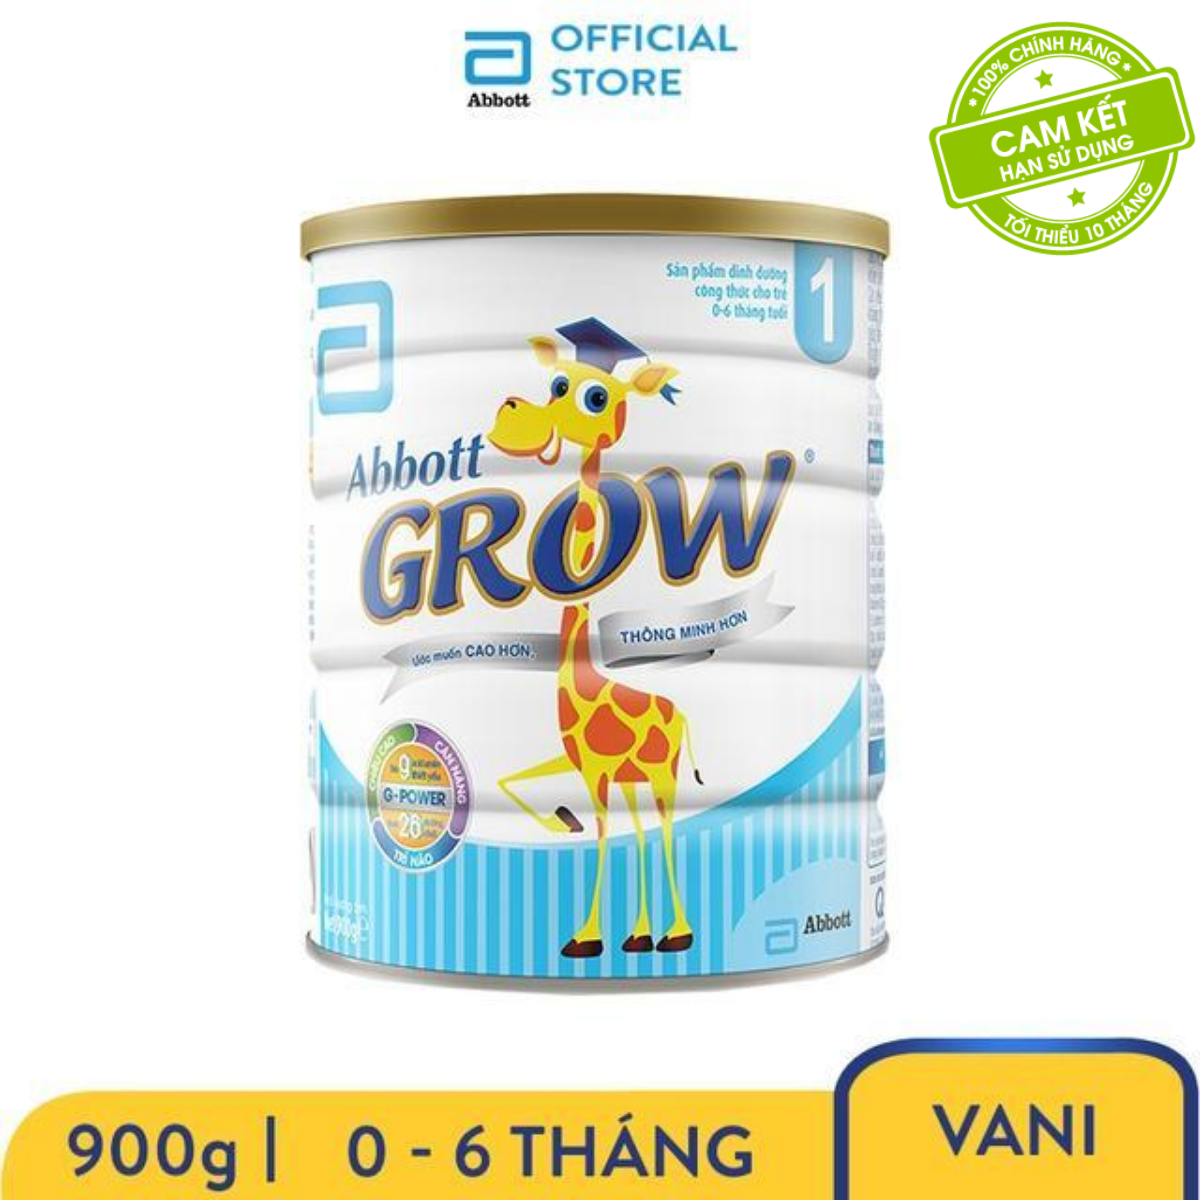 Sữa Abbott Grow 1 900g (0-6 tháng)